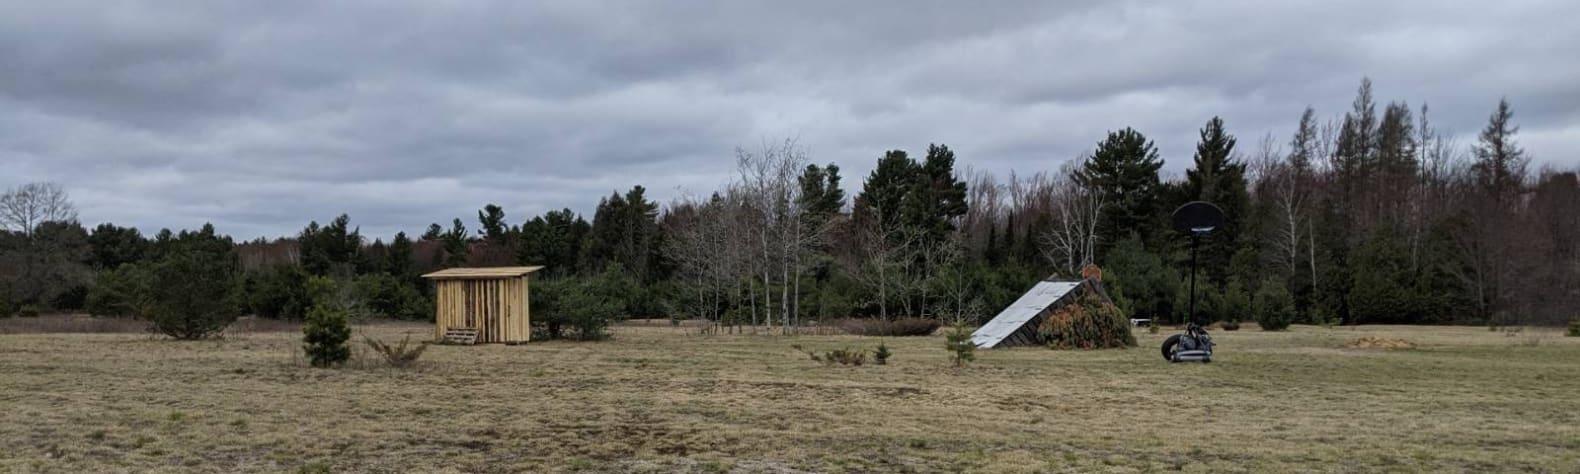 Semi Private Camping @ 109.camp